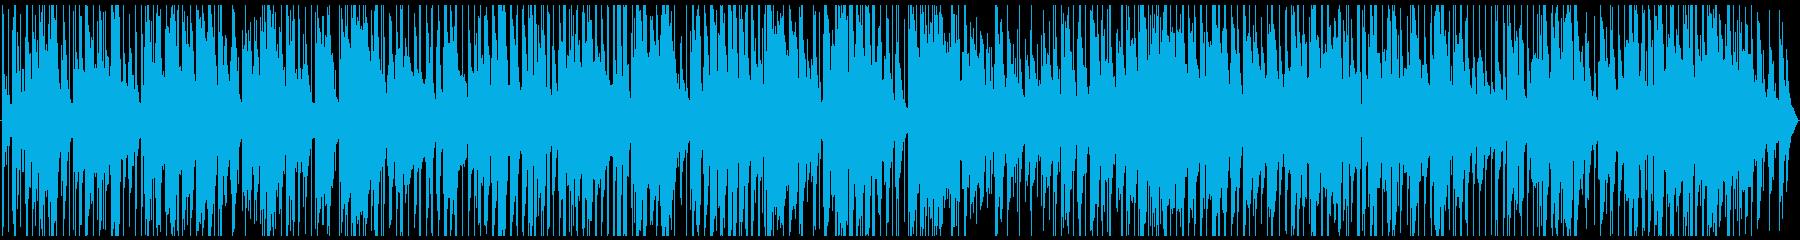 甘いスロージャズの再生済みの波形